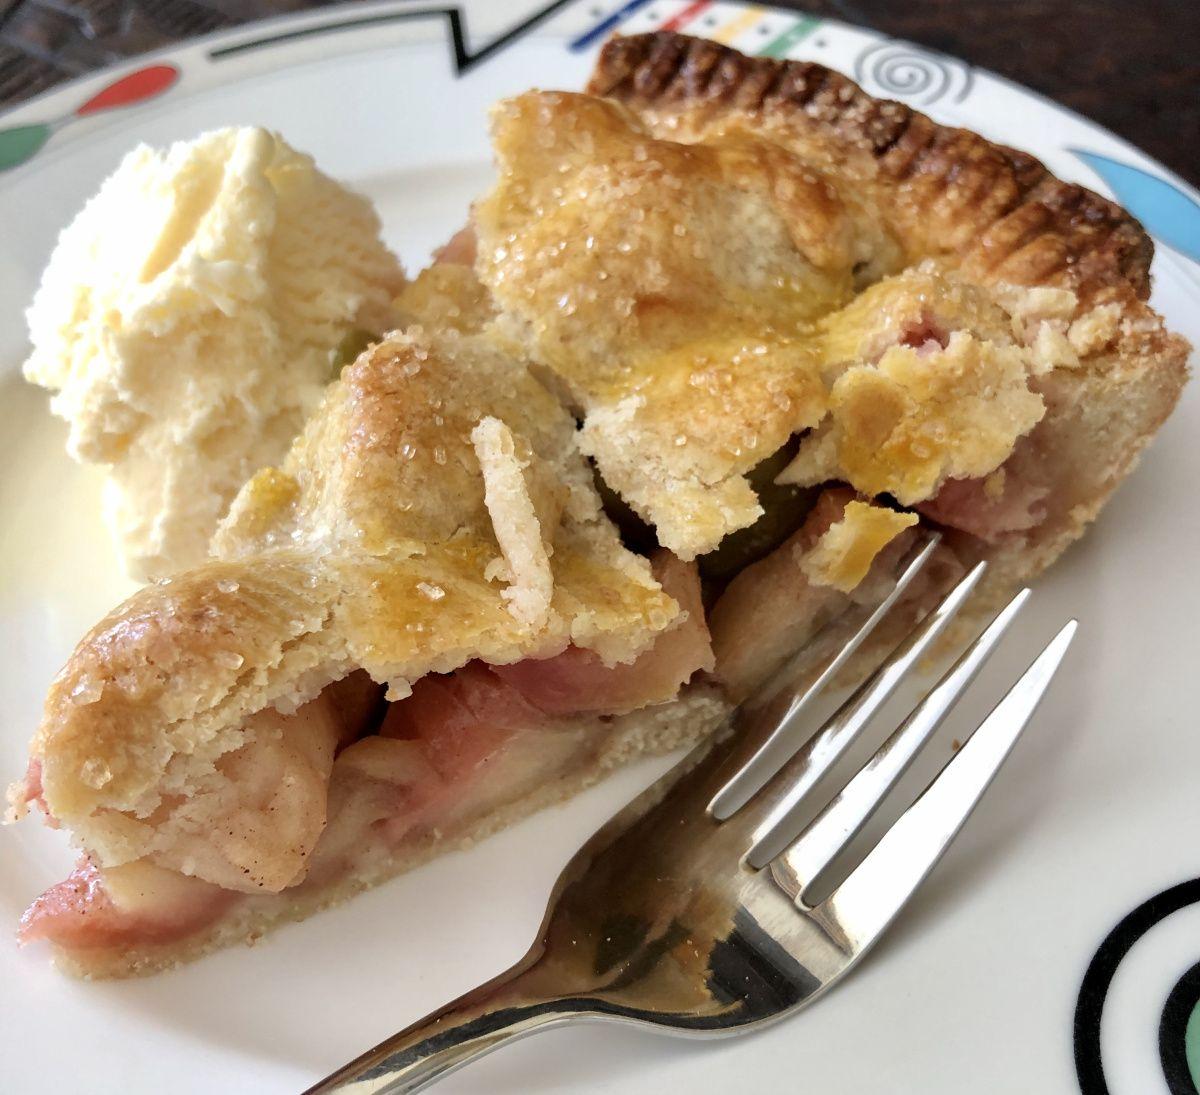 Karamelisierte applepie pastry tart apple pie food